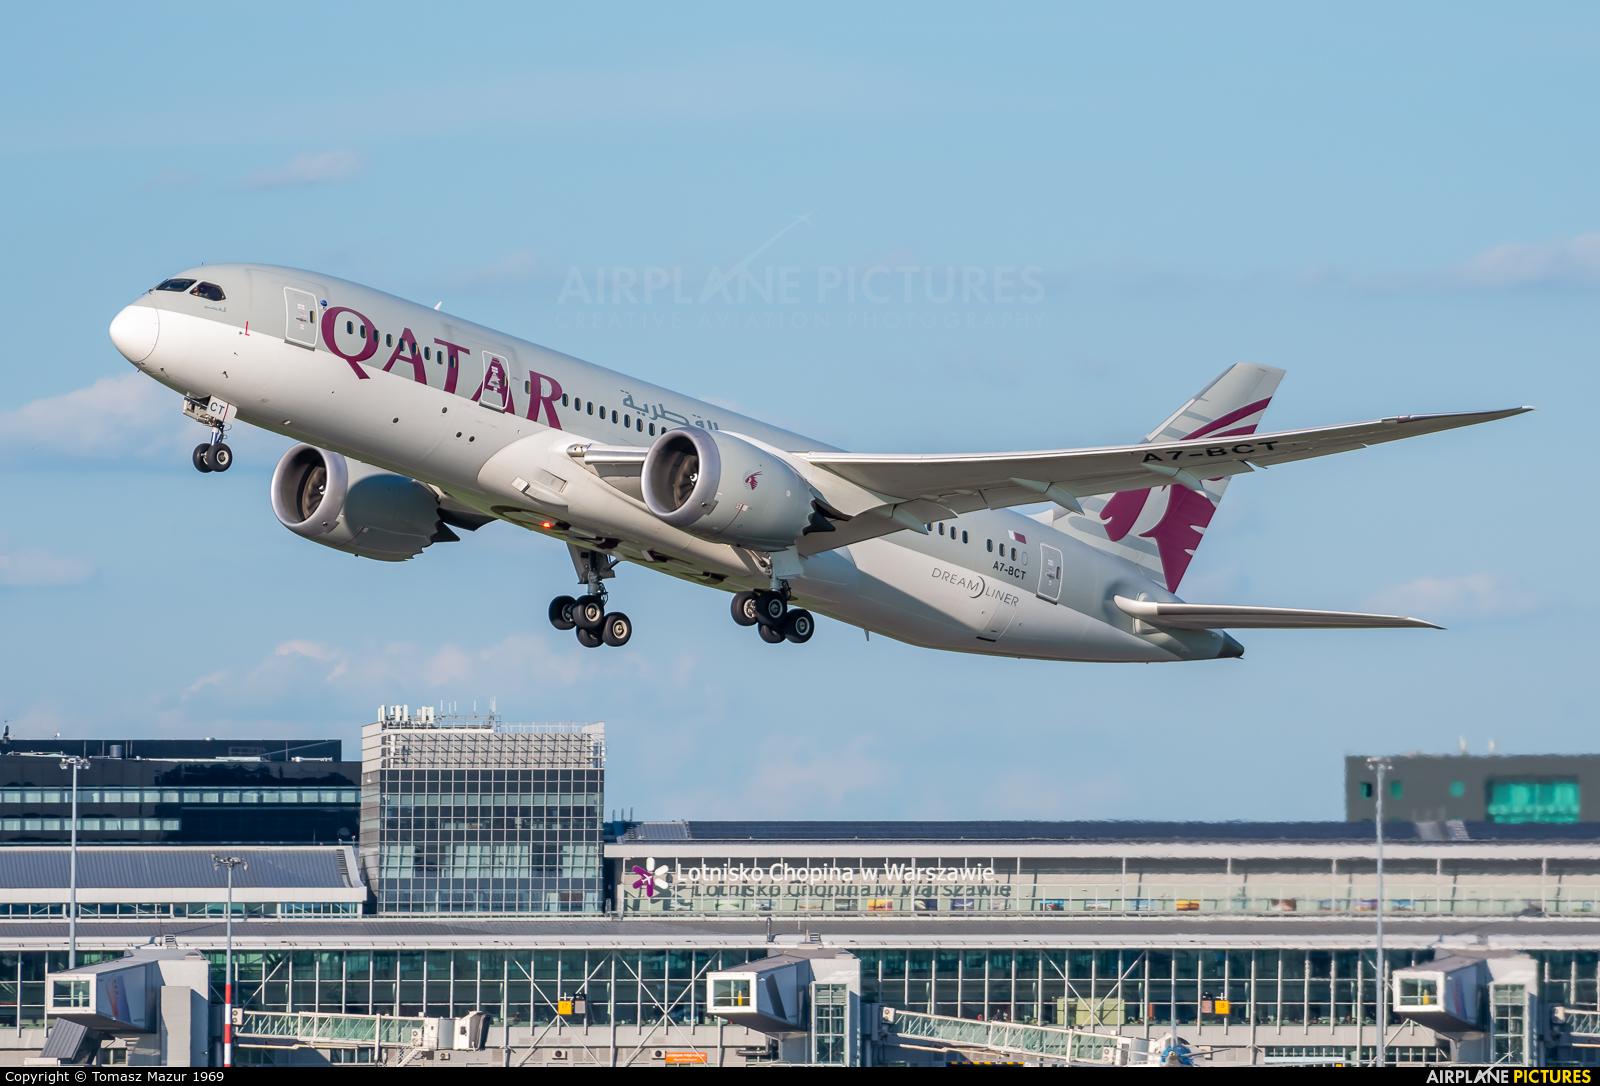 Qatar Airways A7-BCT aircraft at Warsaw - Frederic Chopin